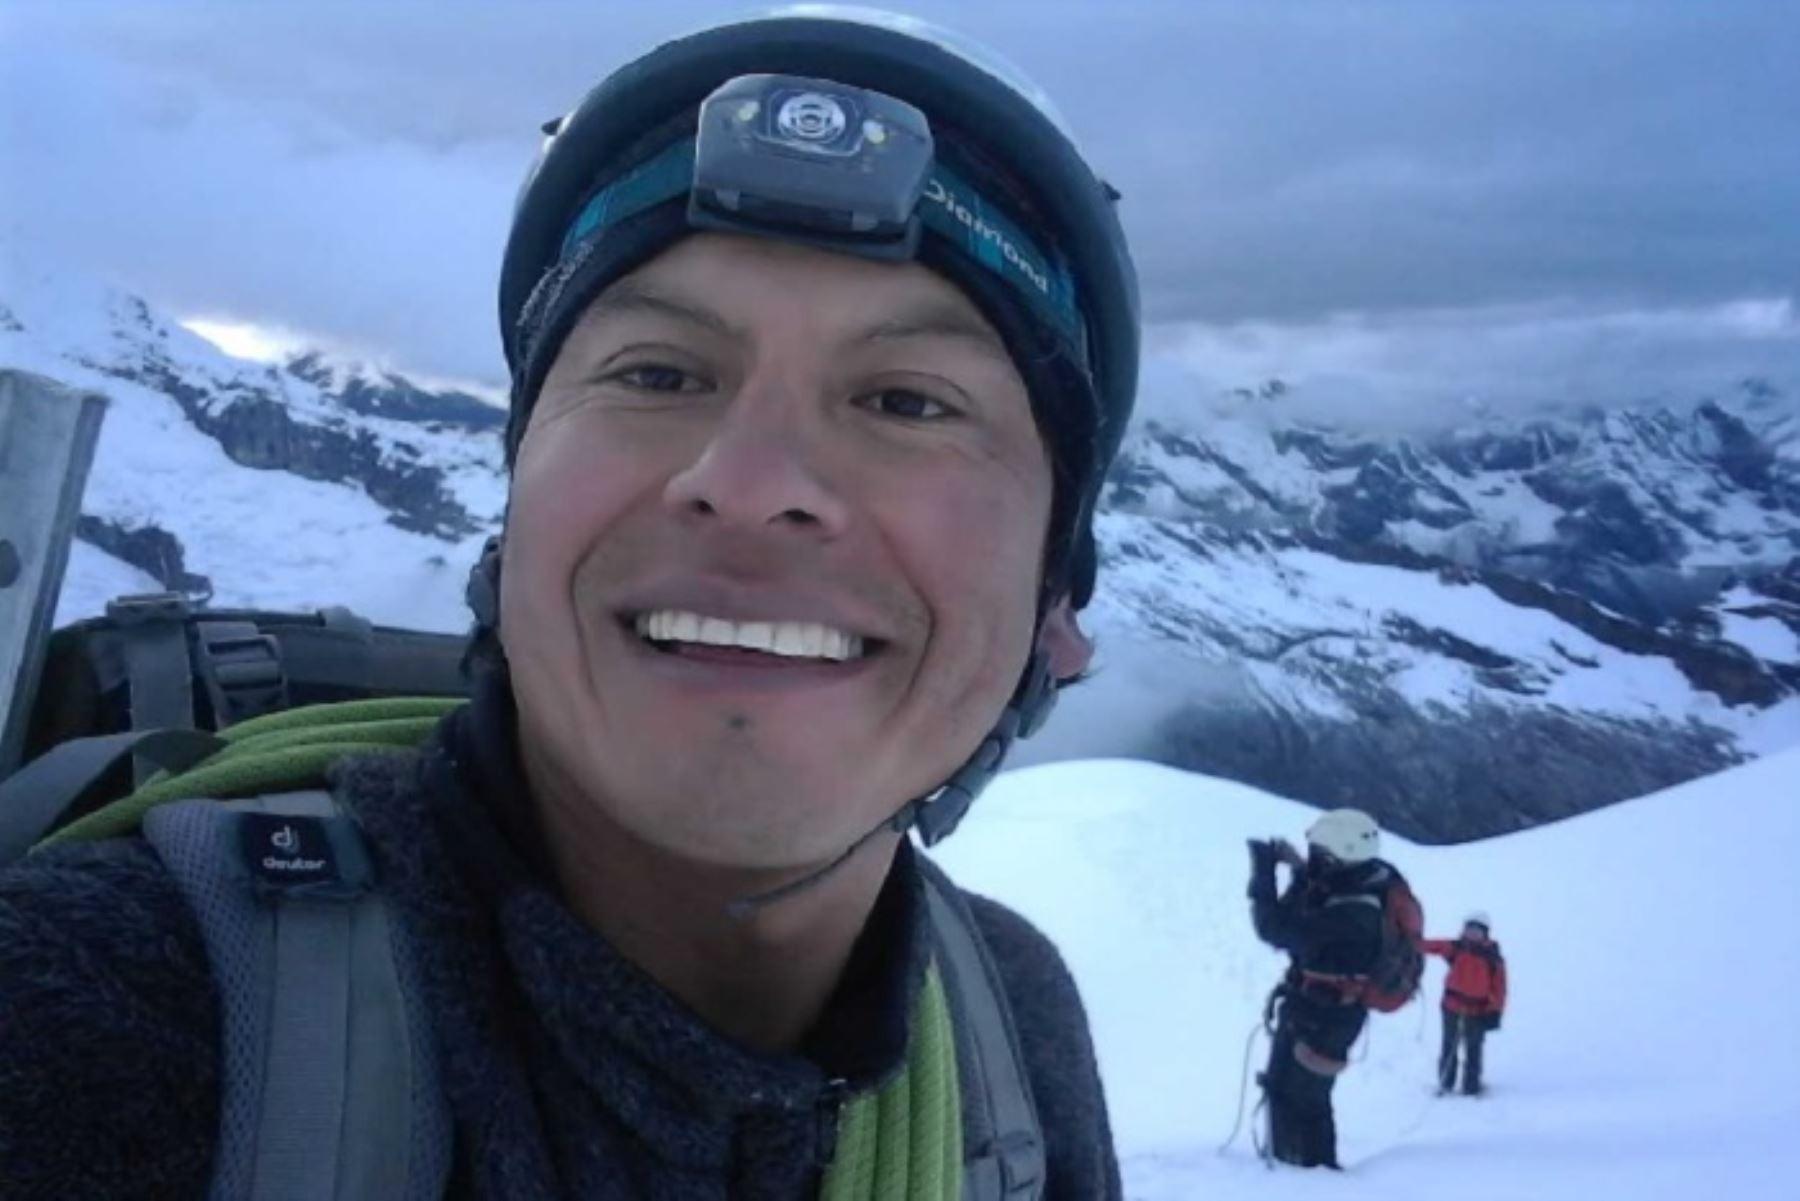 Guía de la AGMP,  Rubén Darío Alva (30),  falleció junto a tres montañistas españoles en el nevado Mateo,en la provincia ancashina de Carhuaz.